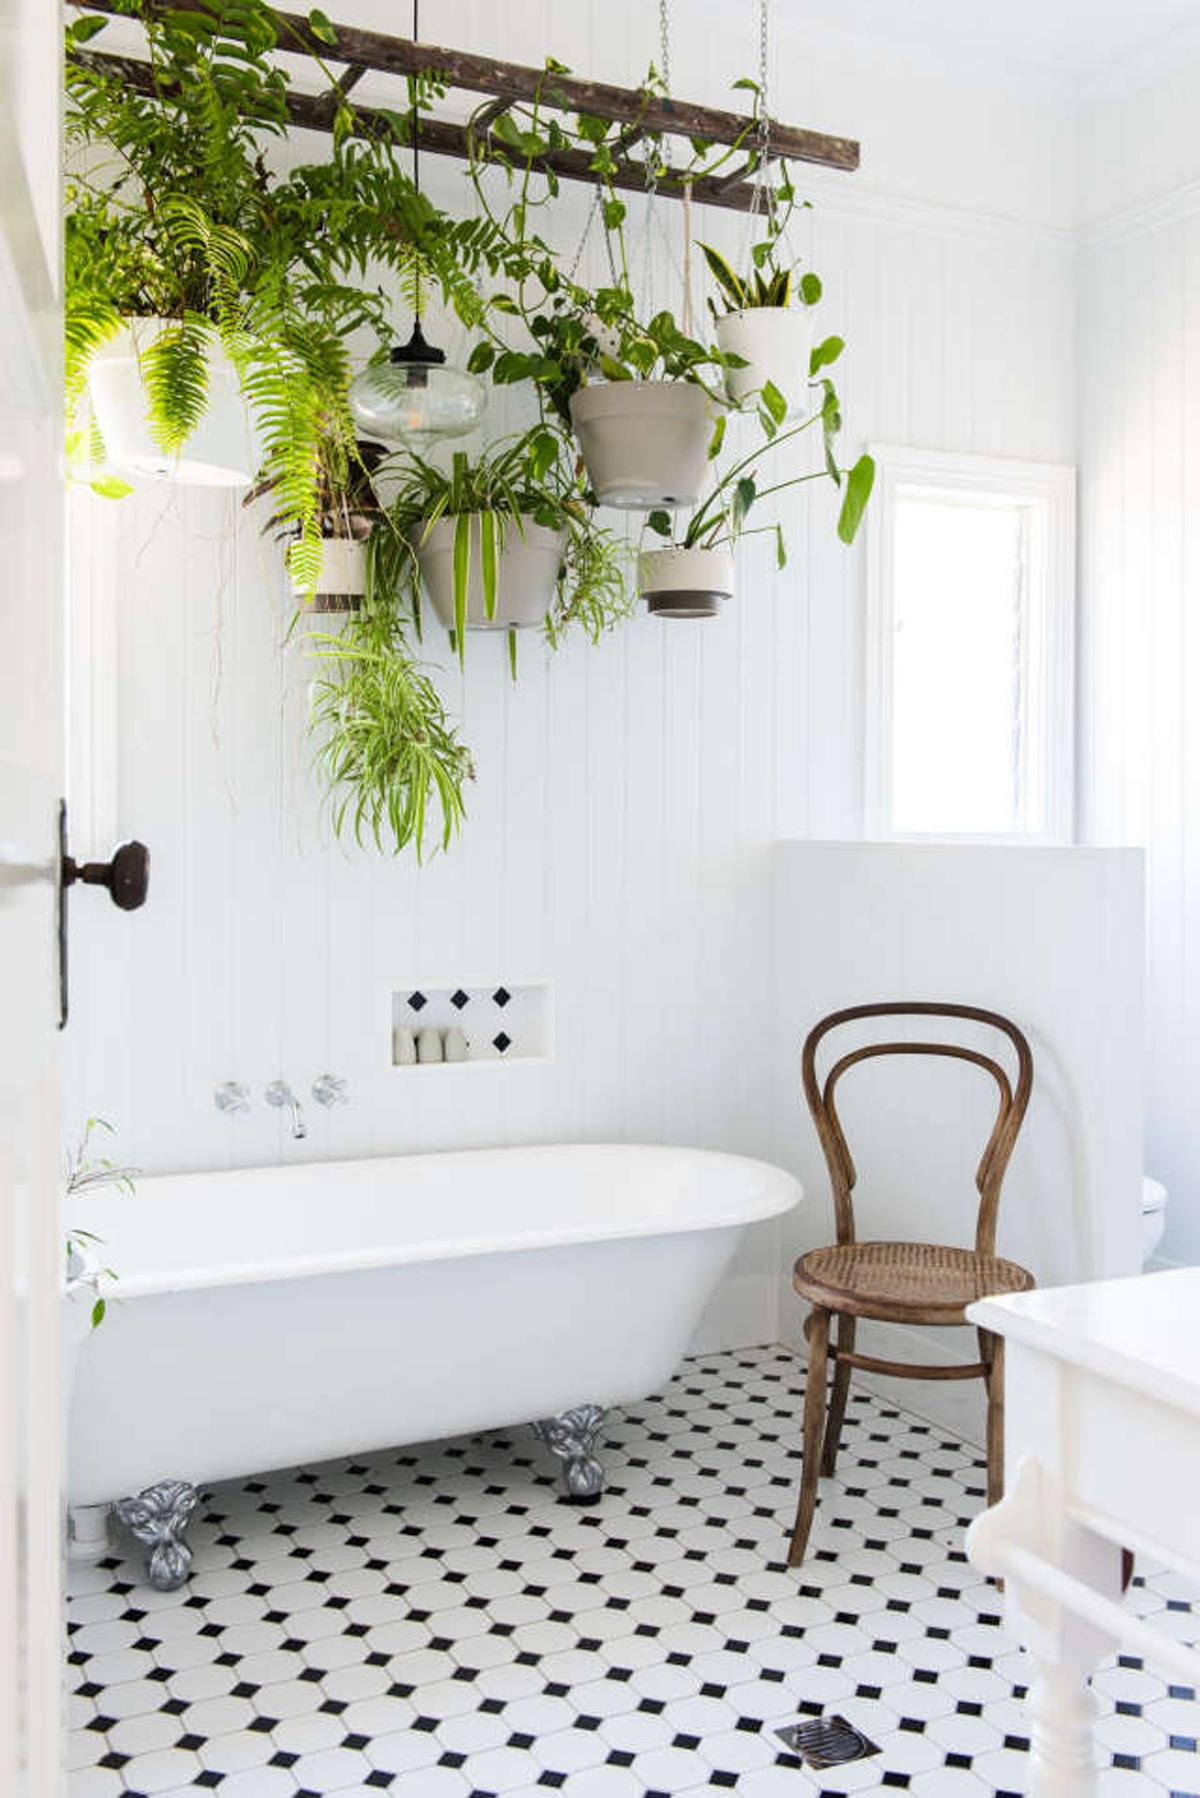 Piante Da Appartamento Ambiente Buio 6 consigli per scegliere le piante giuste da mettere in bagno